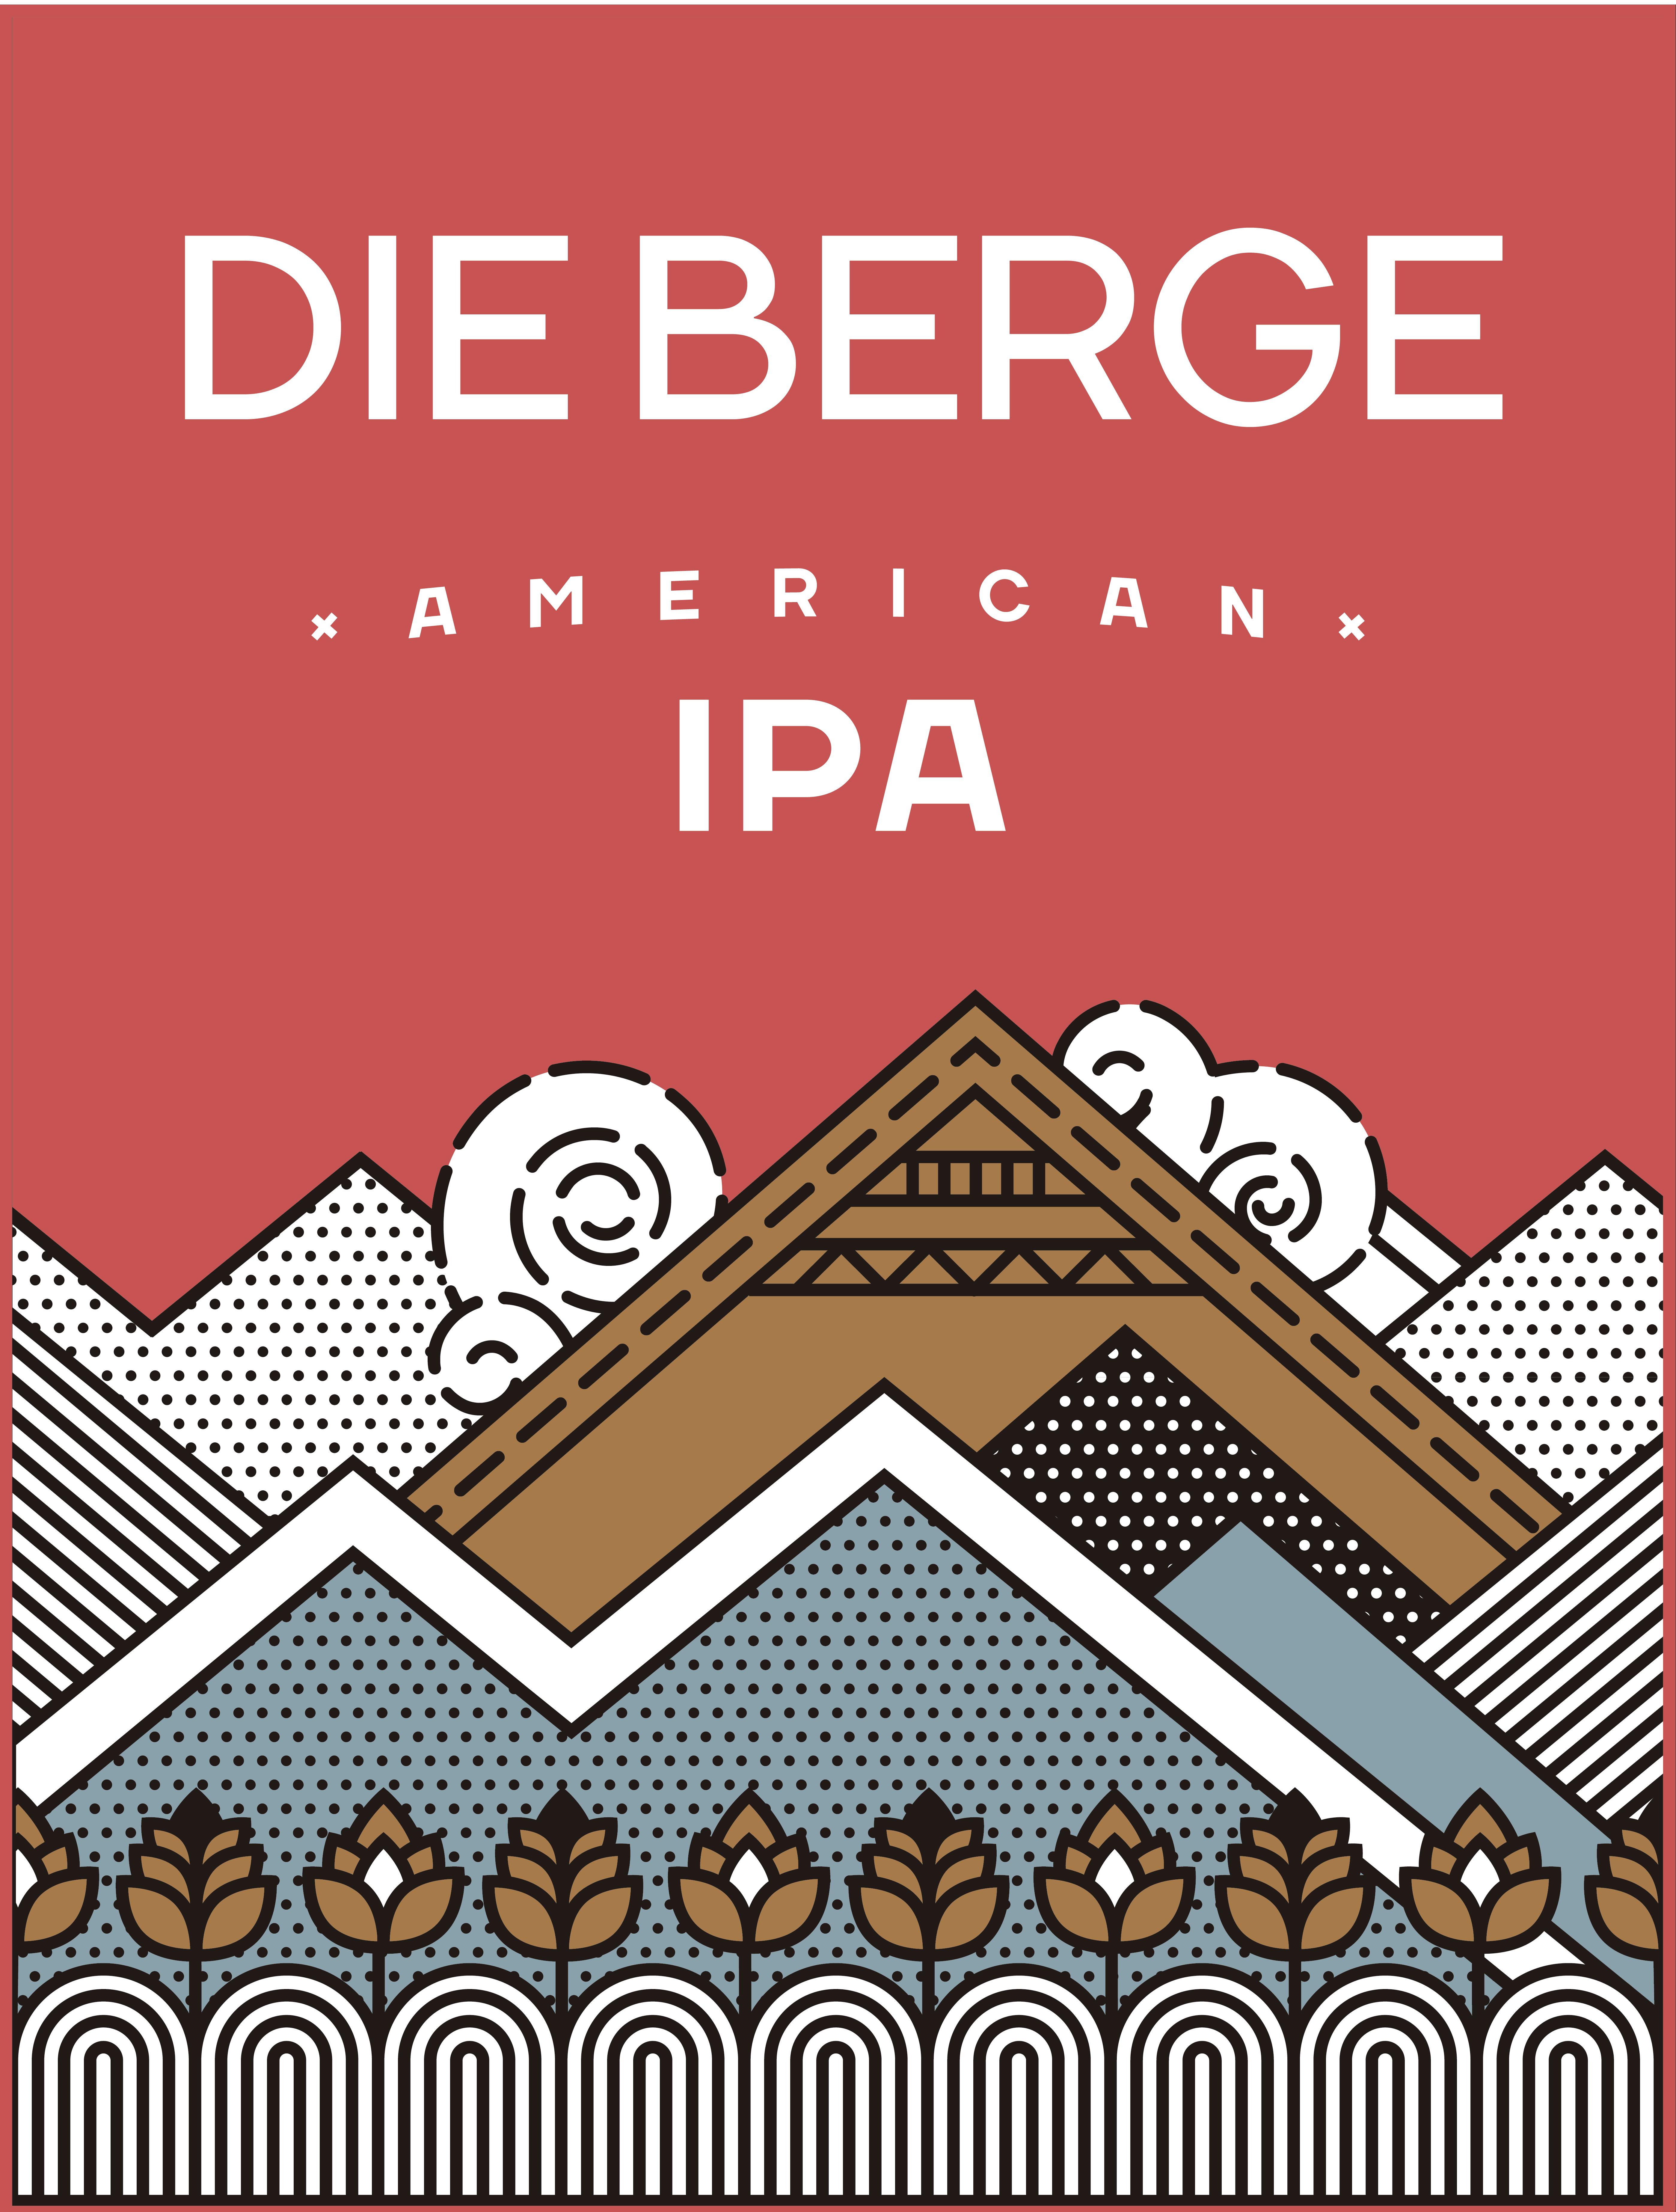 4 Pack [473 cc] - Die Berge  American IPA